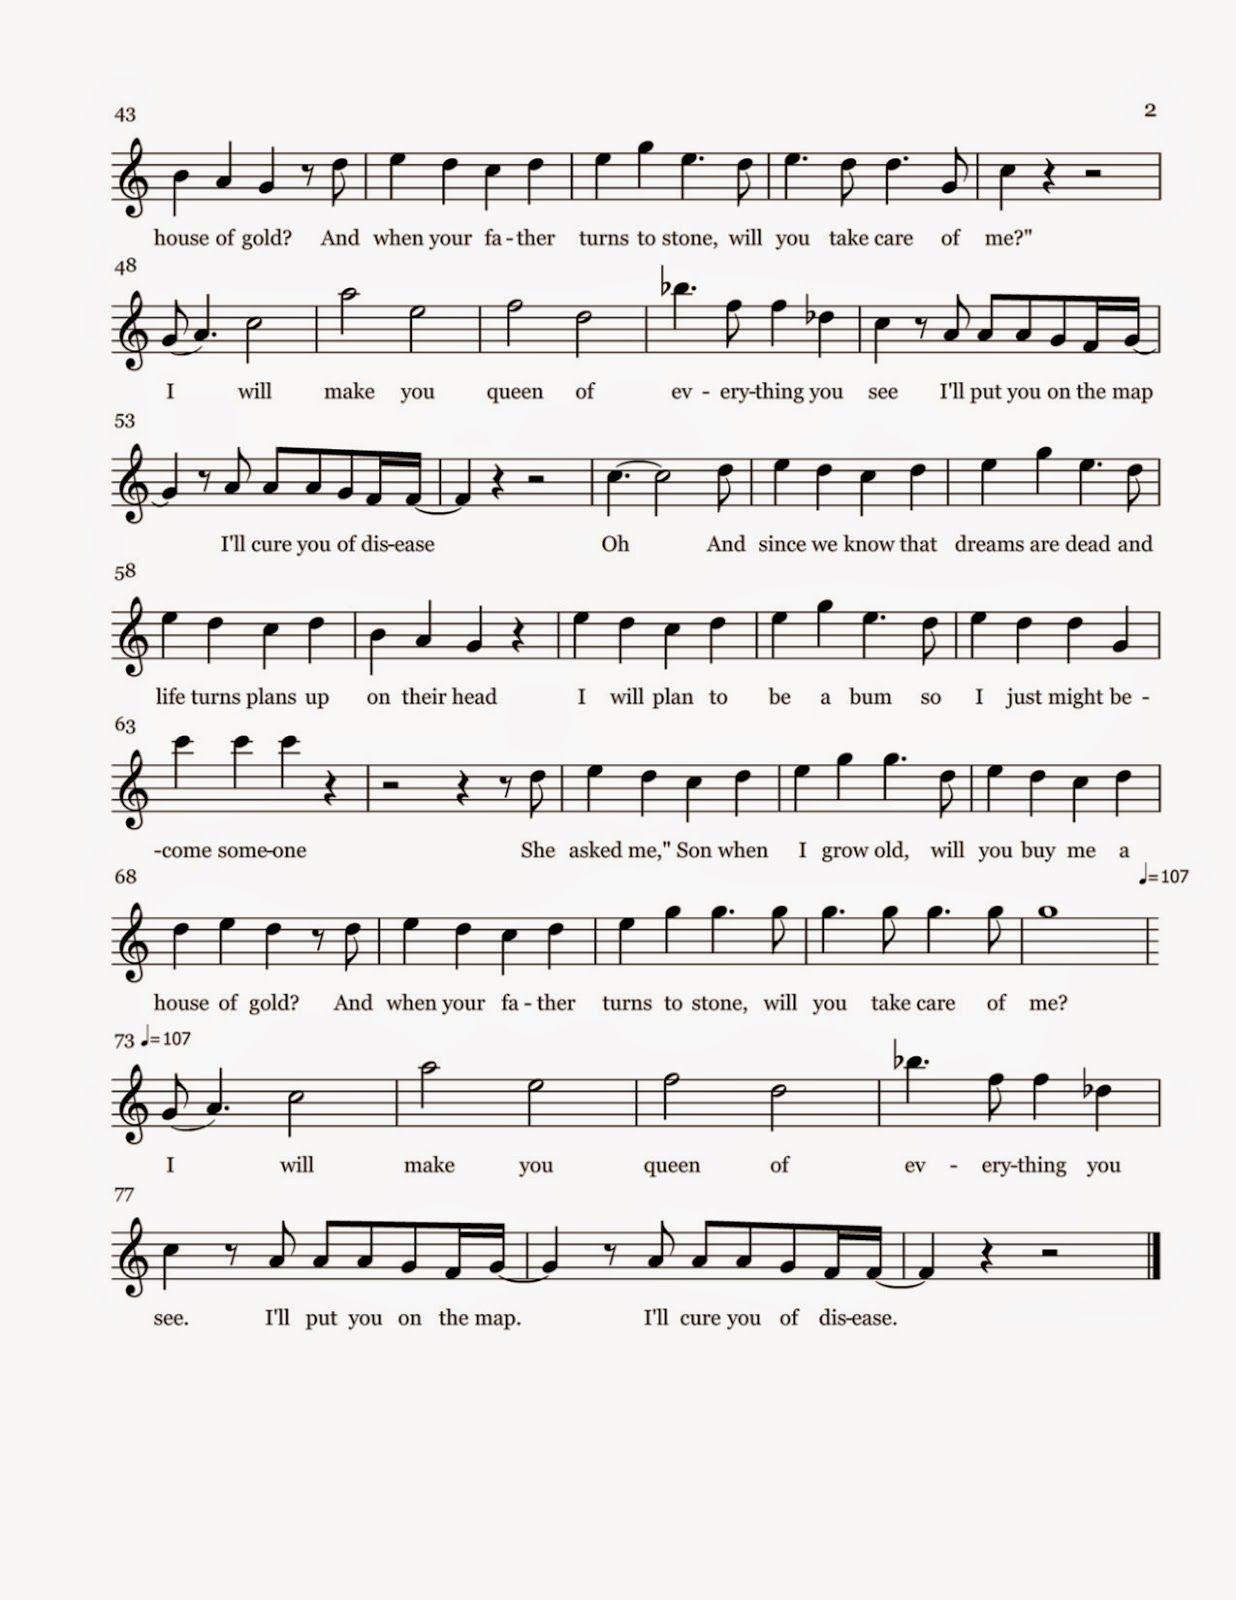 Flute Sheet Music Blank Space Sheet Music Sheet Music Flute